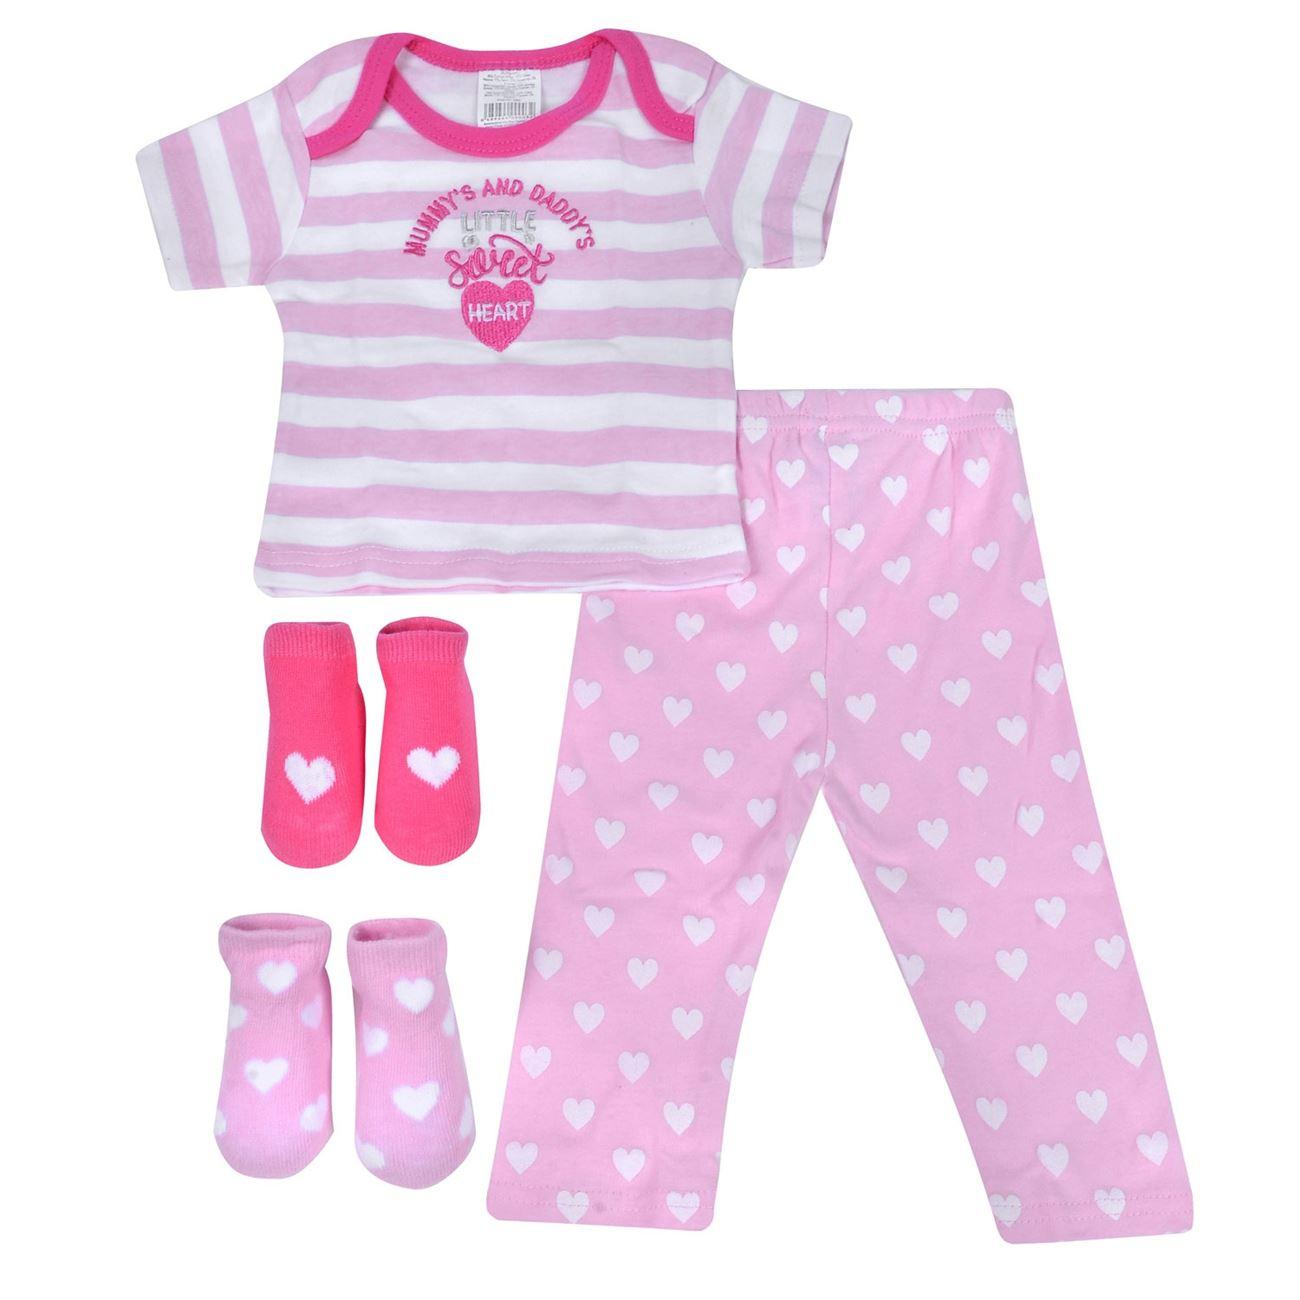 6c71fa3646e Σετ Δώρου Για Νεογέννητο Ροζ Καρδιές < Σετ Δώρου για Νεογέννητο Κορίτσι |  Jumbo